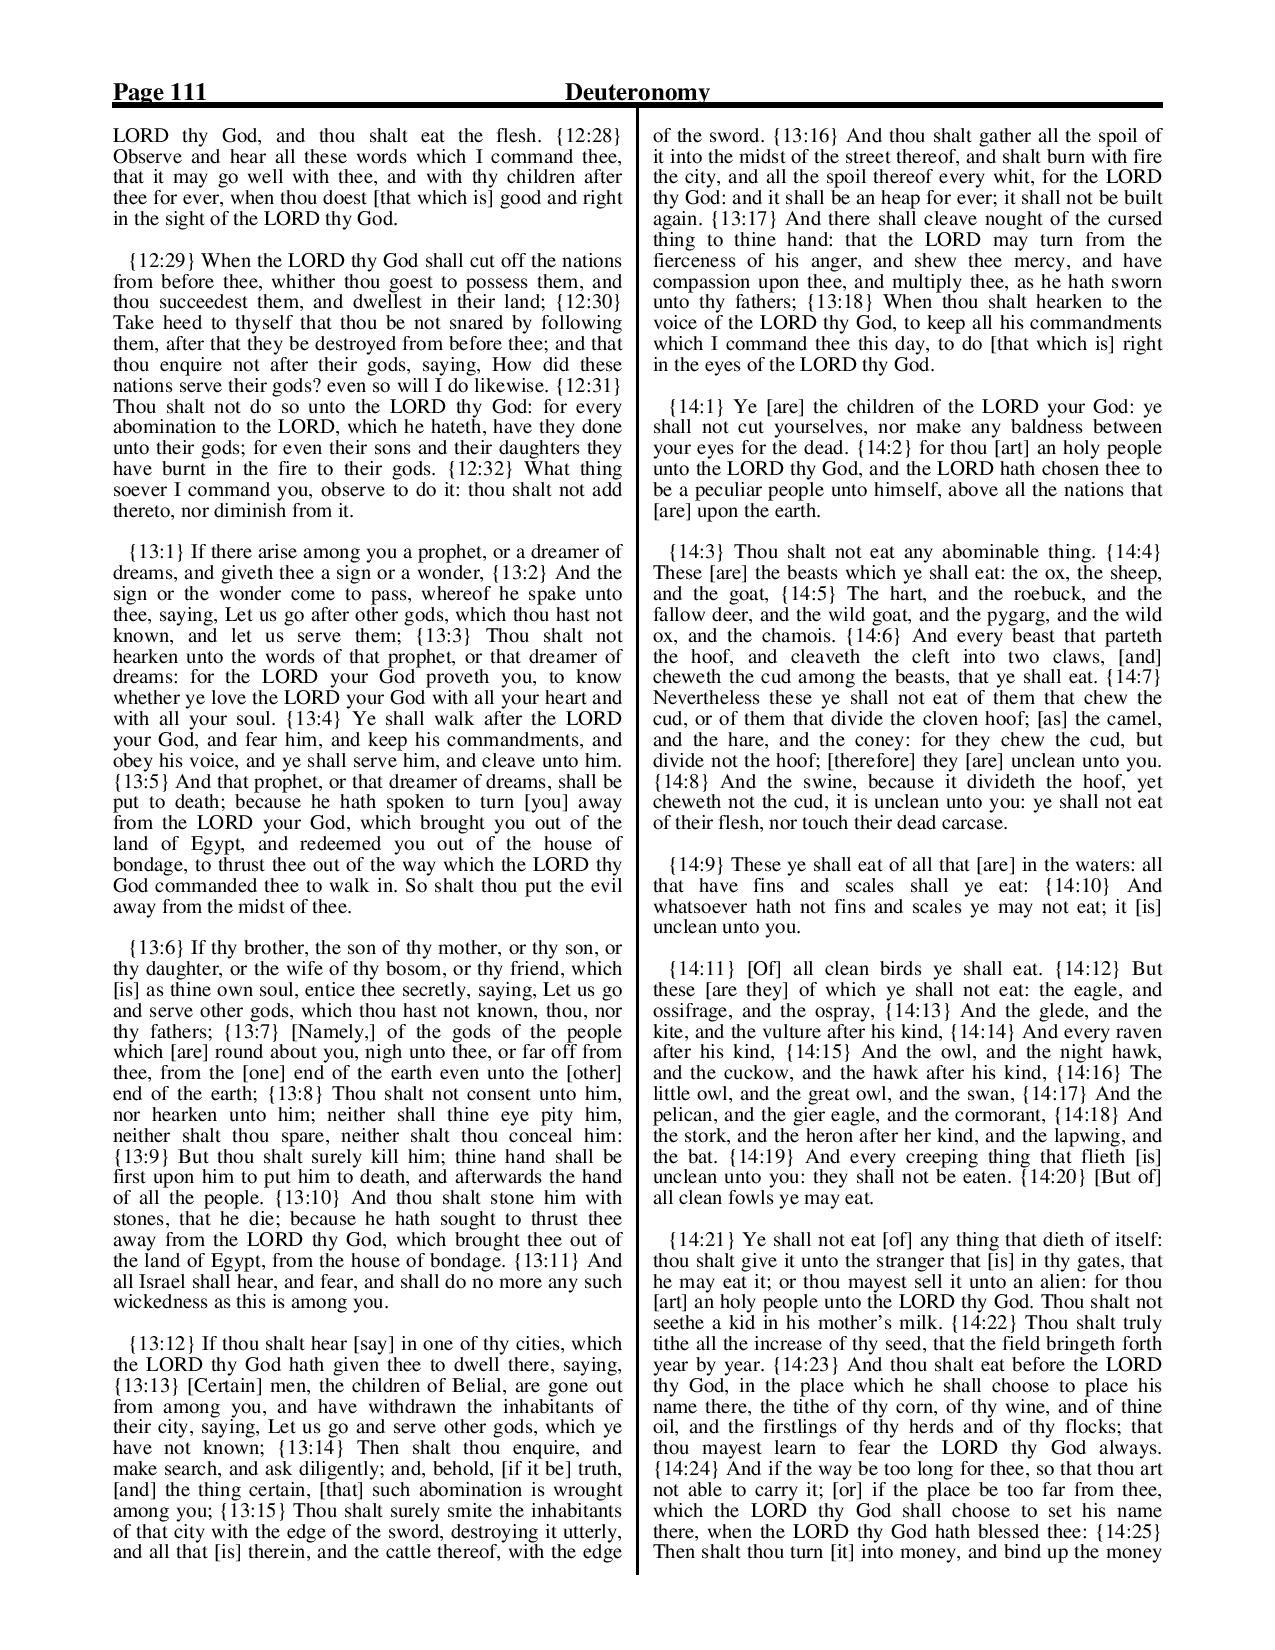 King-James-Bible-KJV-Bible-PDF-page-132